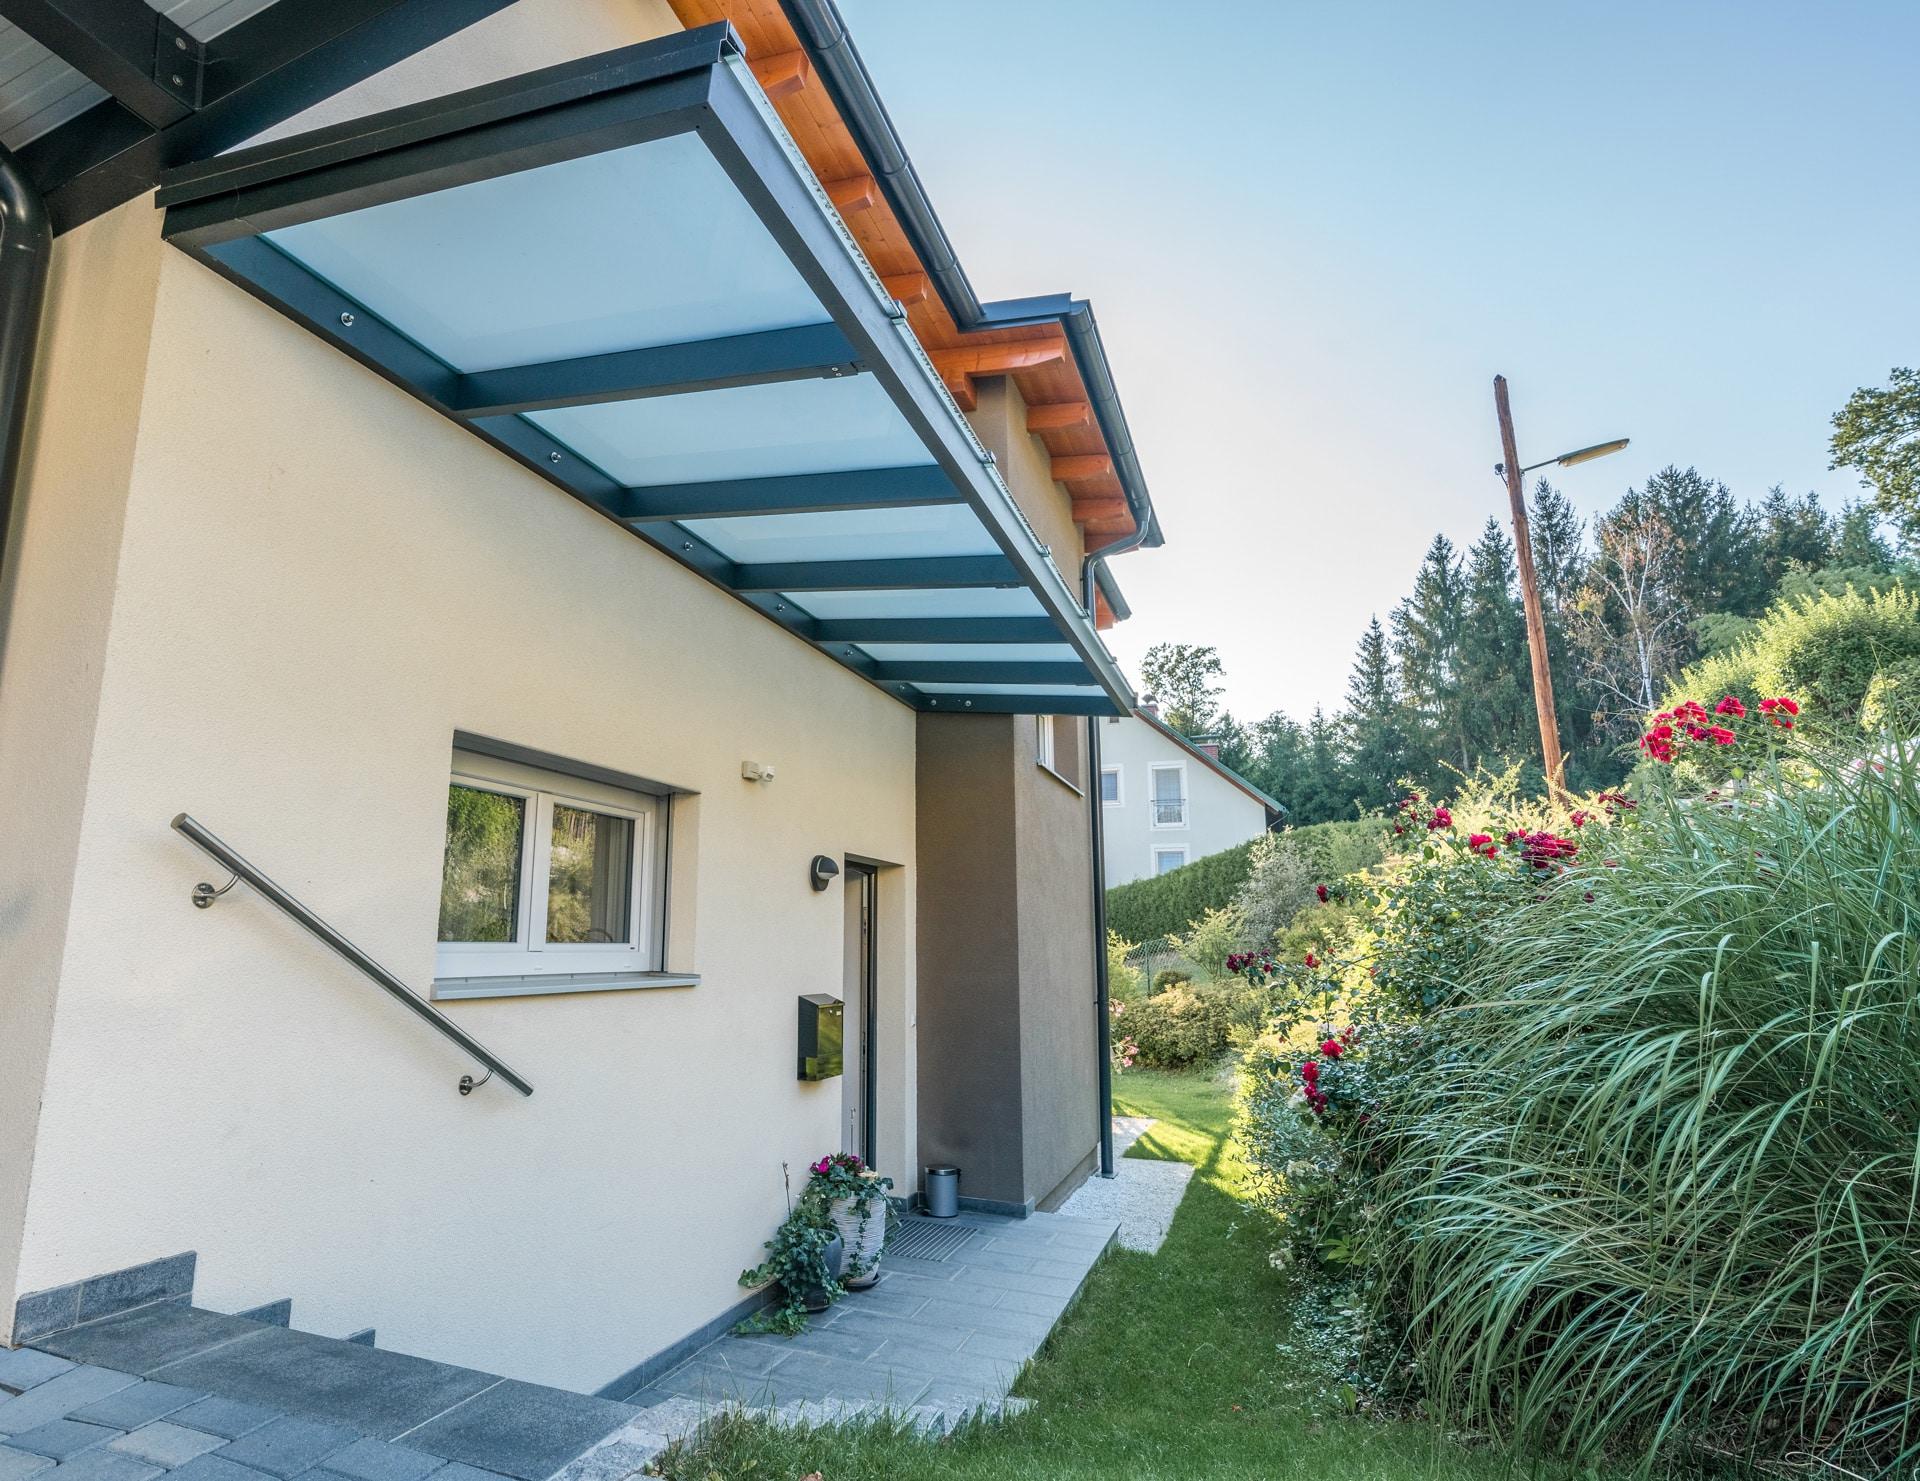 Vordach Alu 37   aufgehängtes Alu-Glas-Dach bei Haustür ohne Steher an Wand befestigt   Svoboda